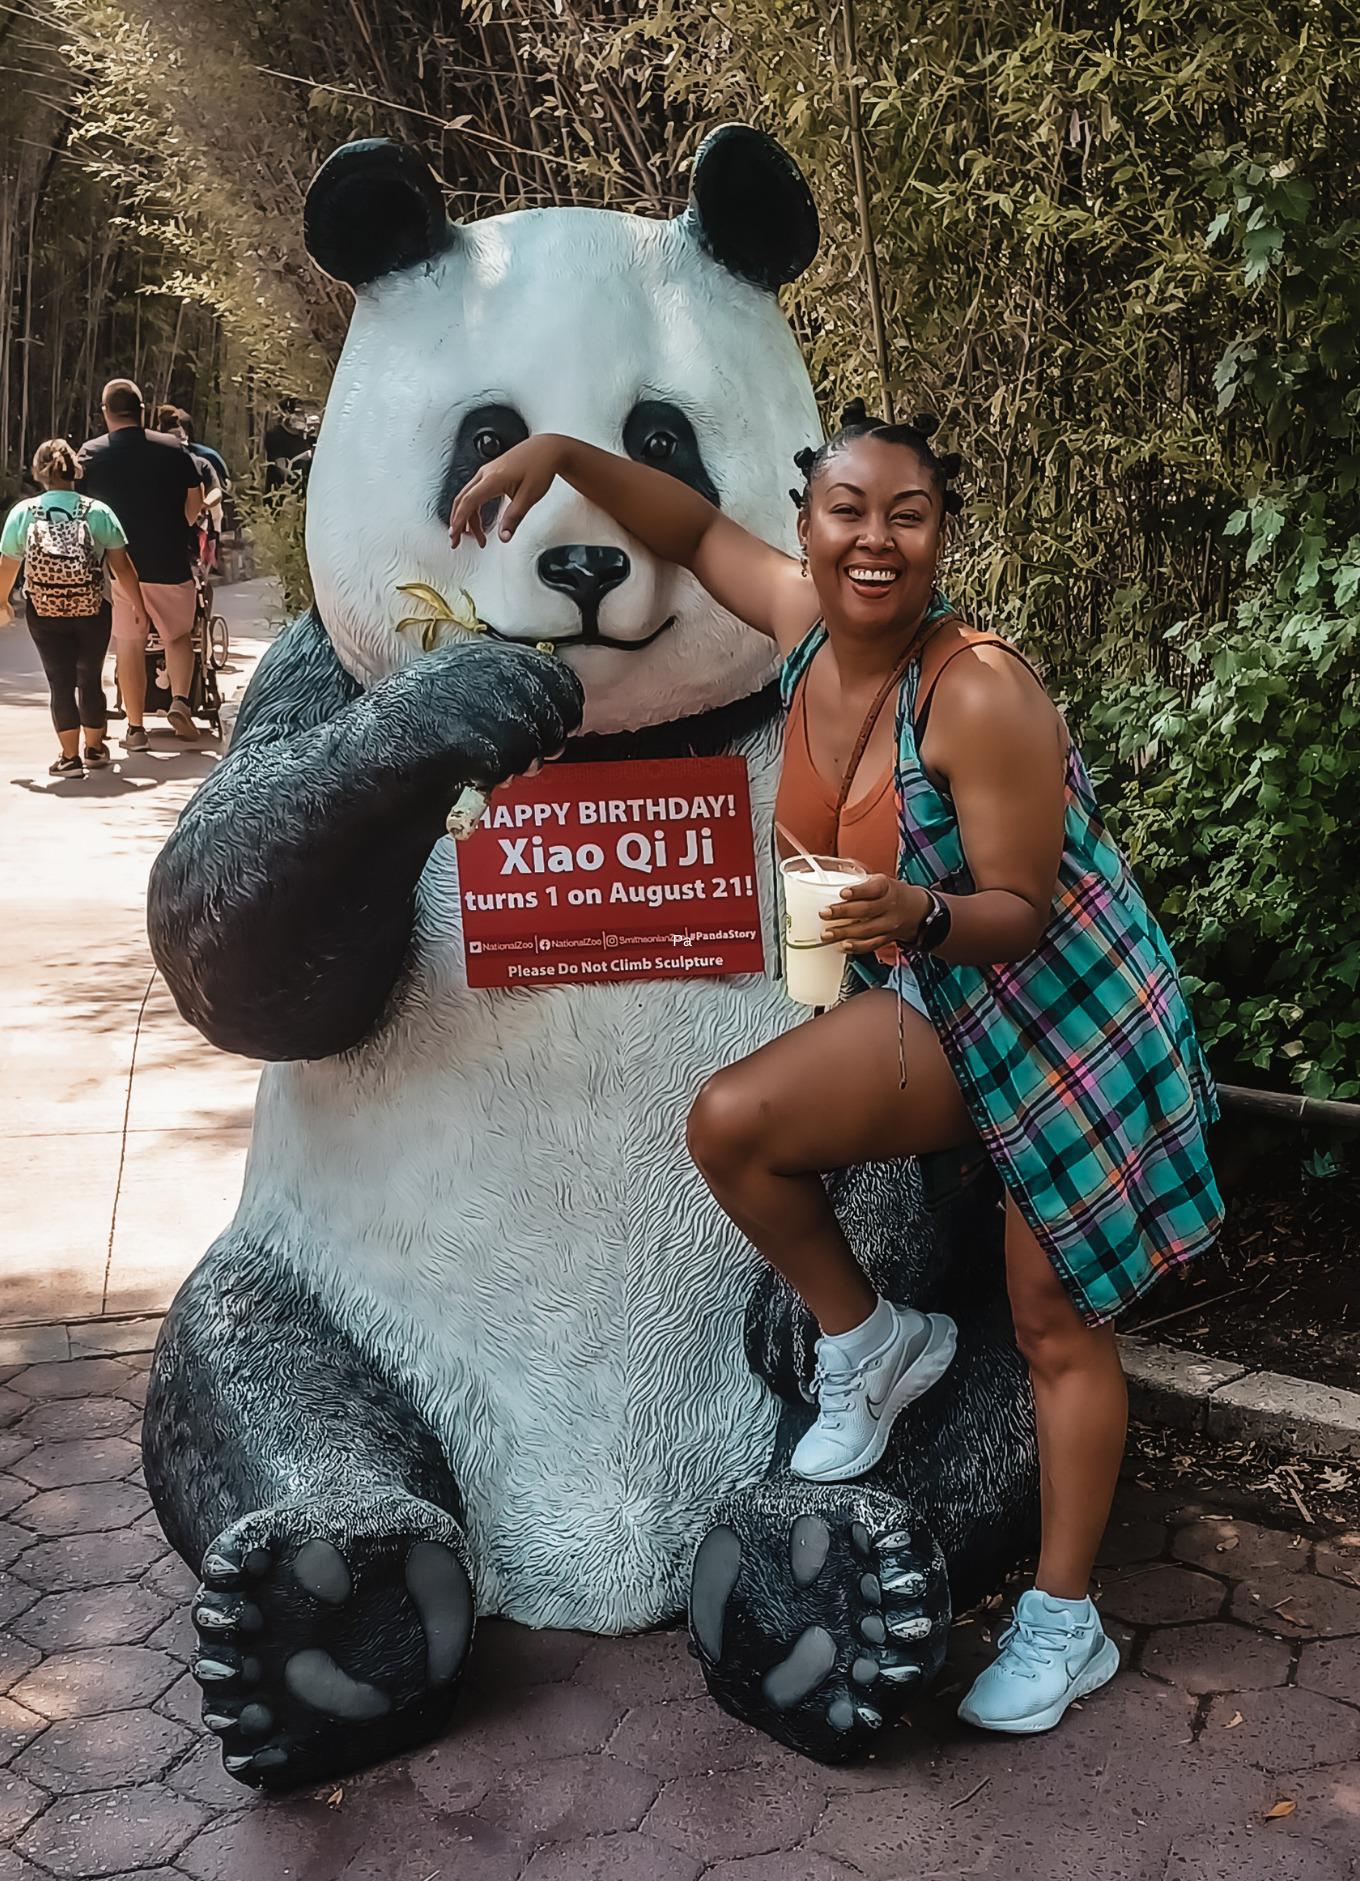 Photo of Giant Panda Xiao Qi Ji Washington DC National Zoo and This Bahamian Gyal blogger, Rogan Smith